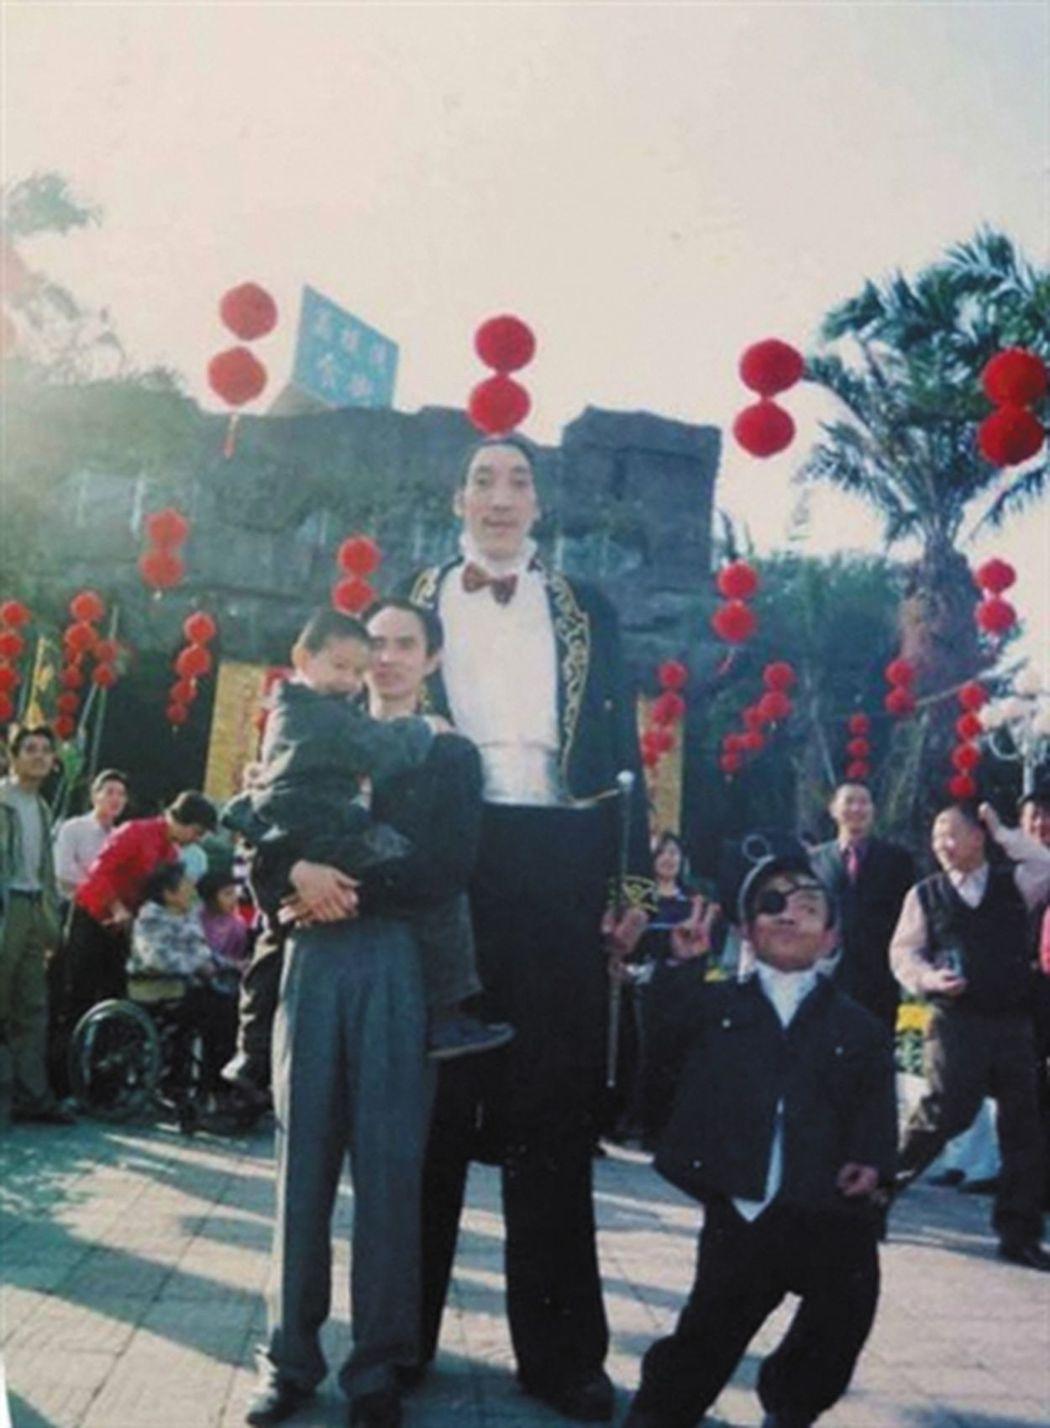 成都世界樂園,遊客和楊繼剛合影。(取材自新京報/受訪者供圖) 葉玉鏡